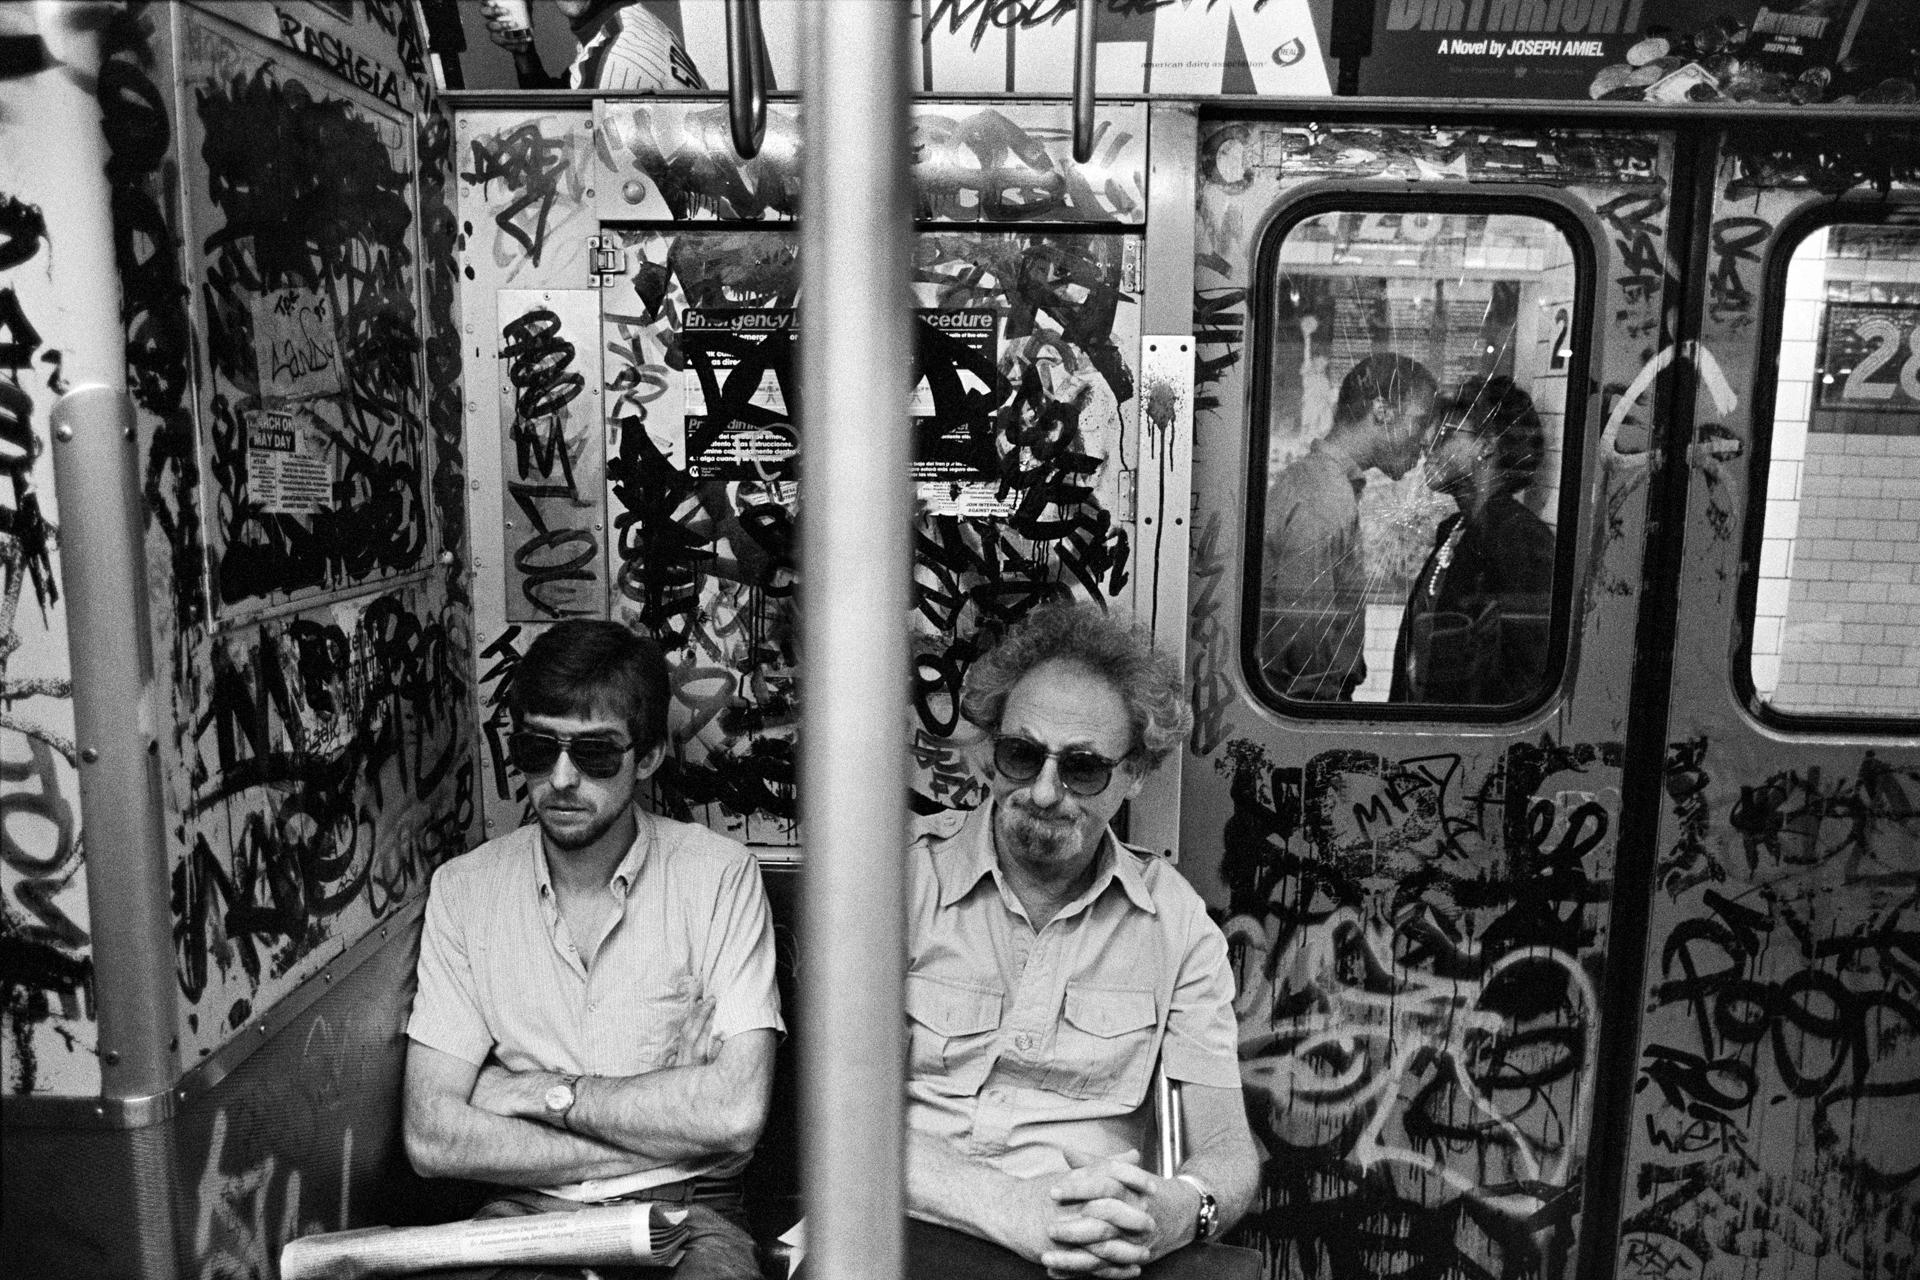 31-SubwayKissPhMARKUS.jpg